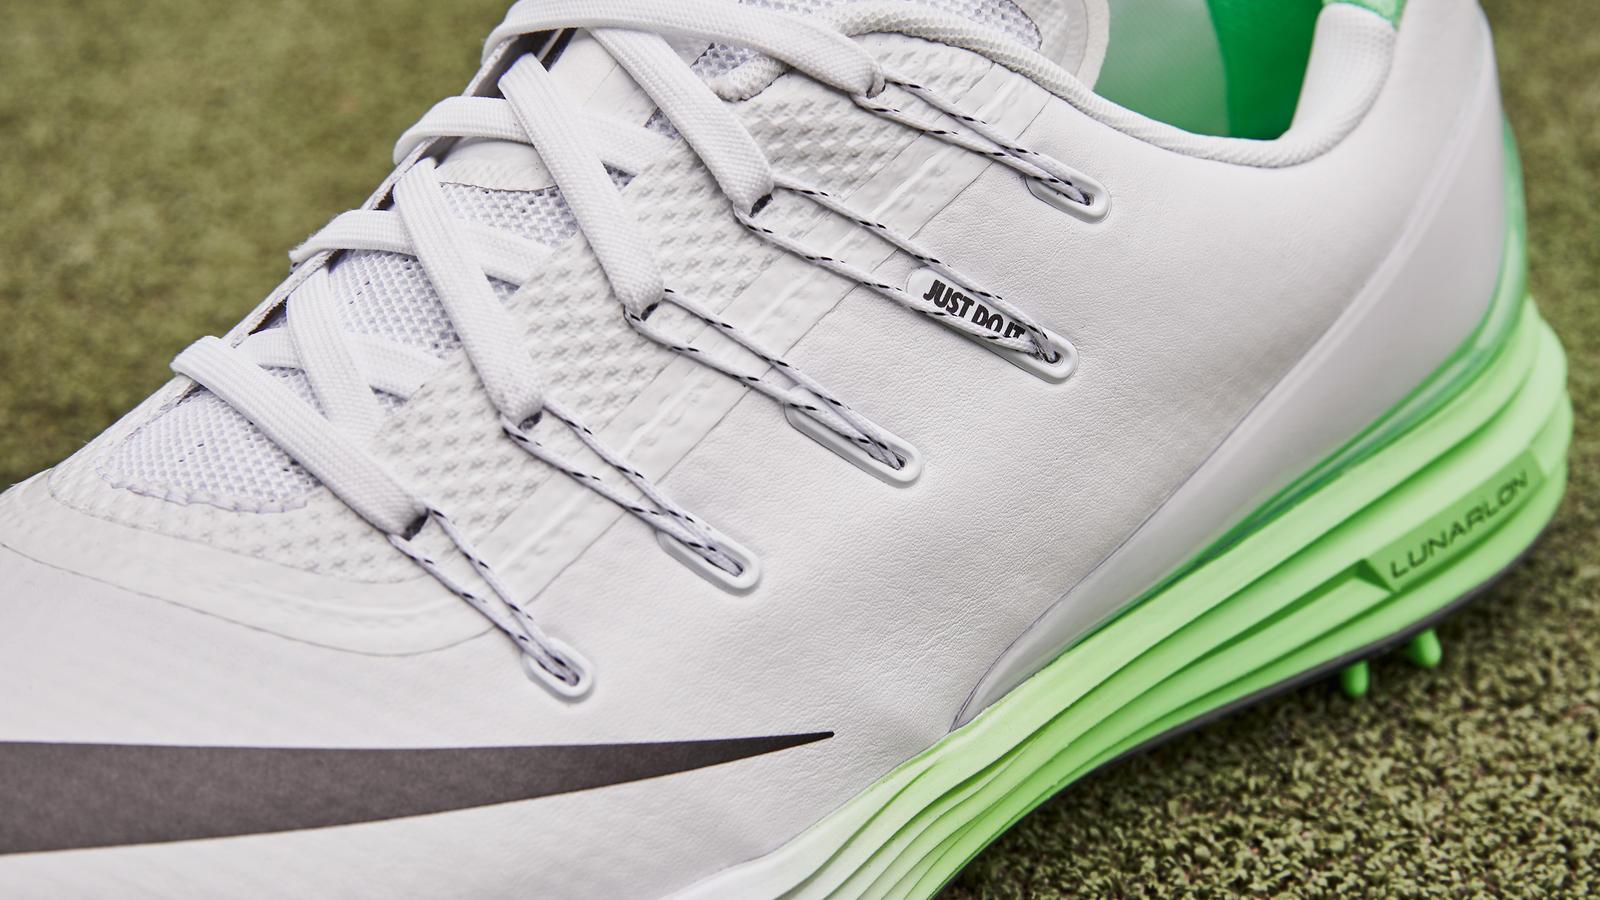 nike lunar 4 golf shoes